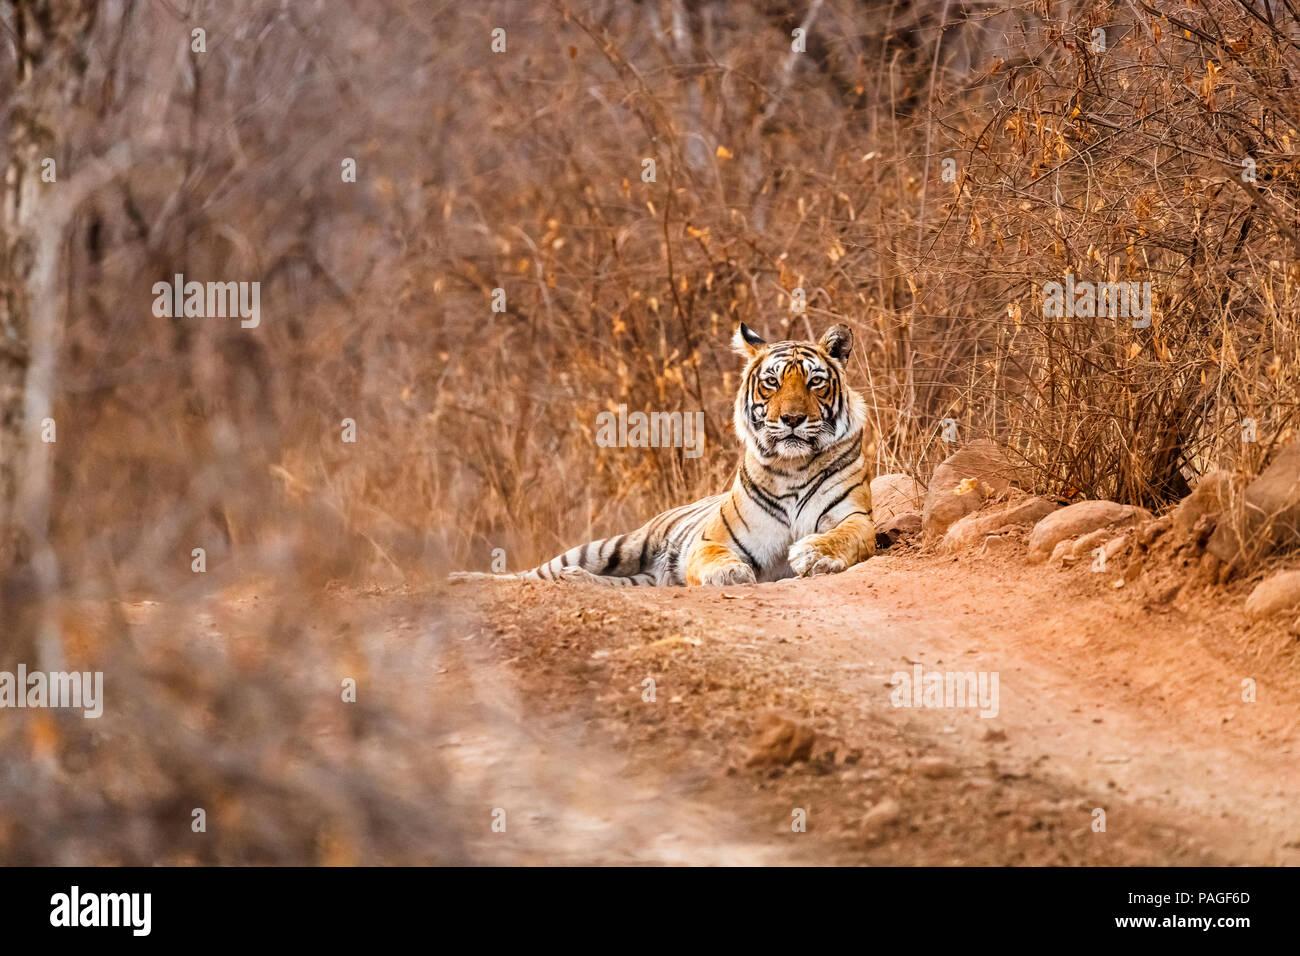 Indian wildlife: Femmina tigre del Bengala (Panthera tigris) avviso giacente su una pista polverosa, il Parco nazionale di Ranthambore, Rajasthan, India settentrionale, stagione secca Immagini Stock